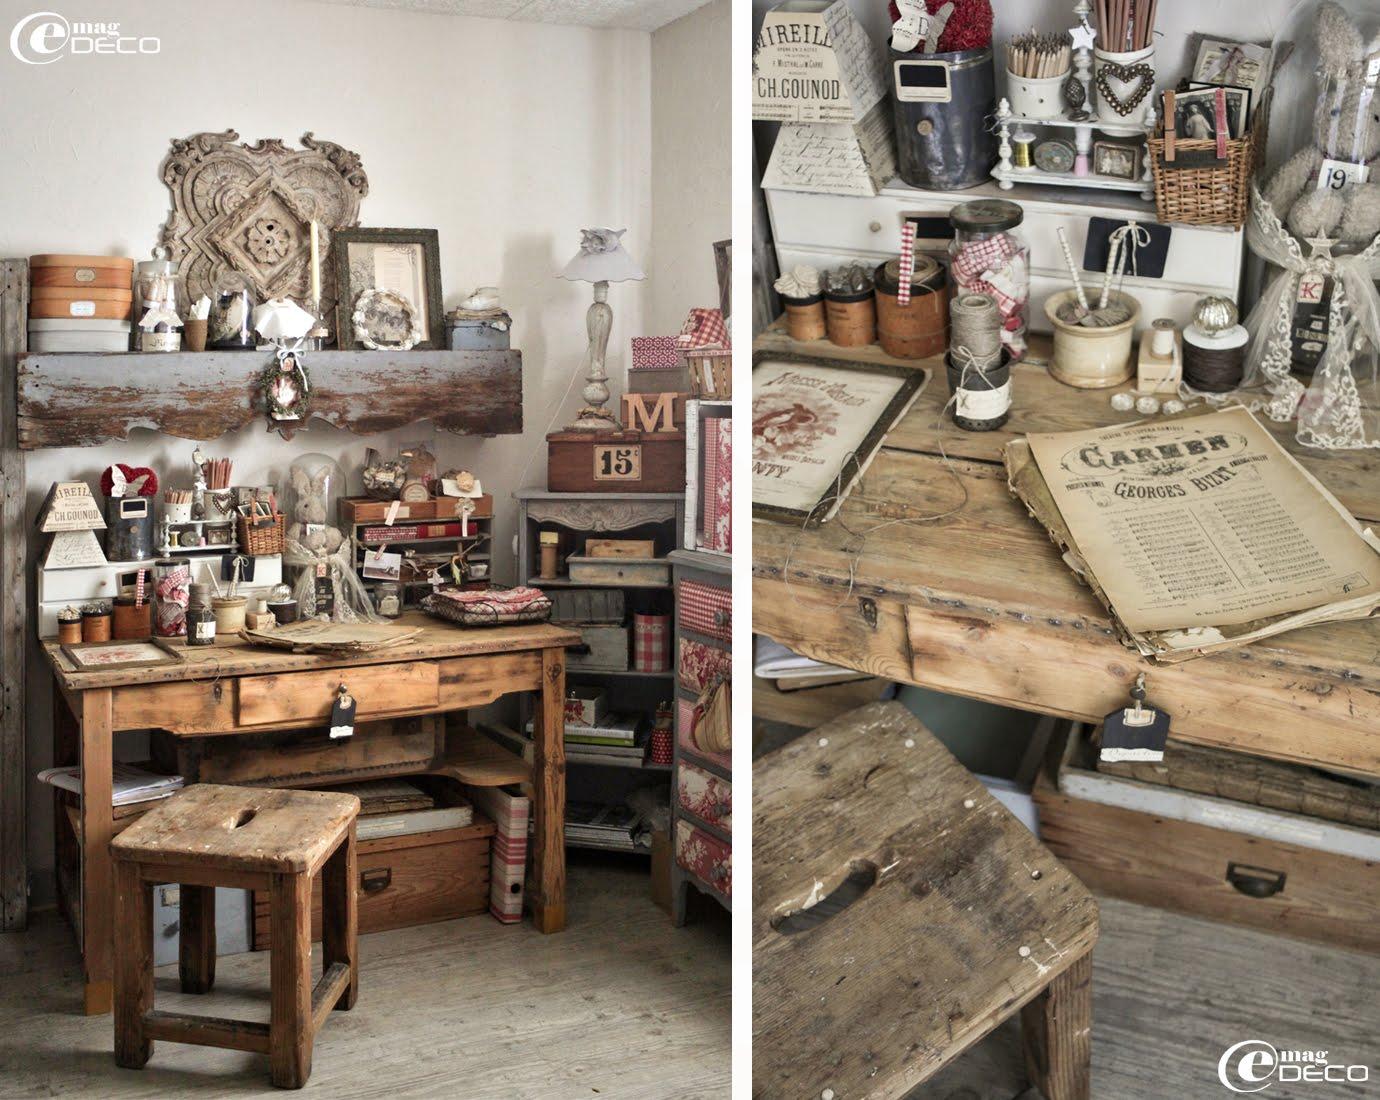 Dans l'atelier de Kristin, une table de travail en bois et un tabouret chinés à Aix-en-Provence